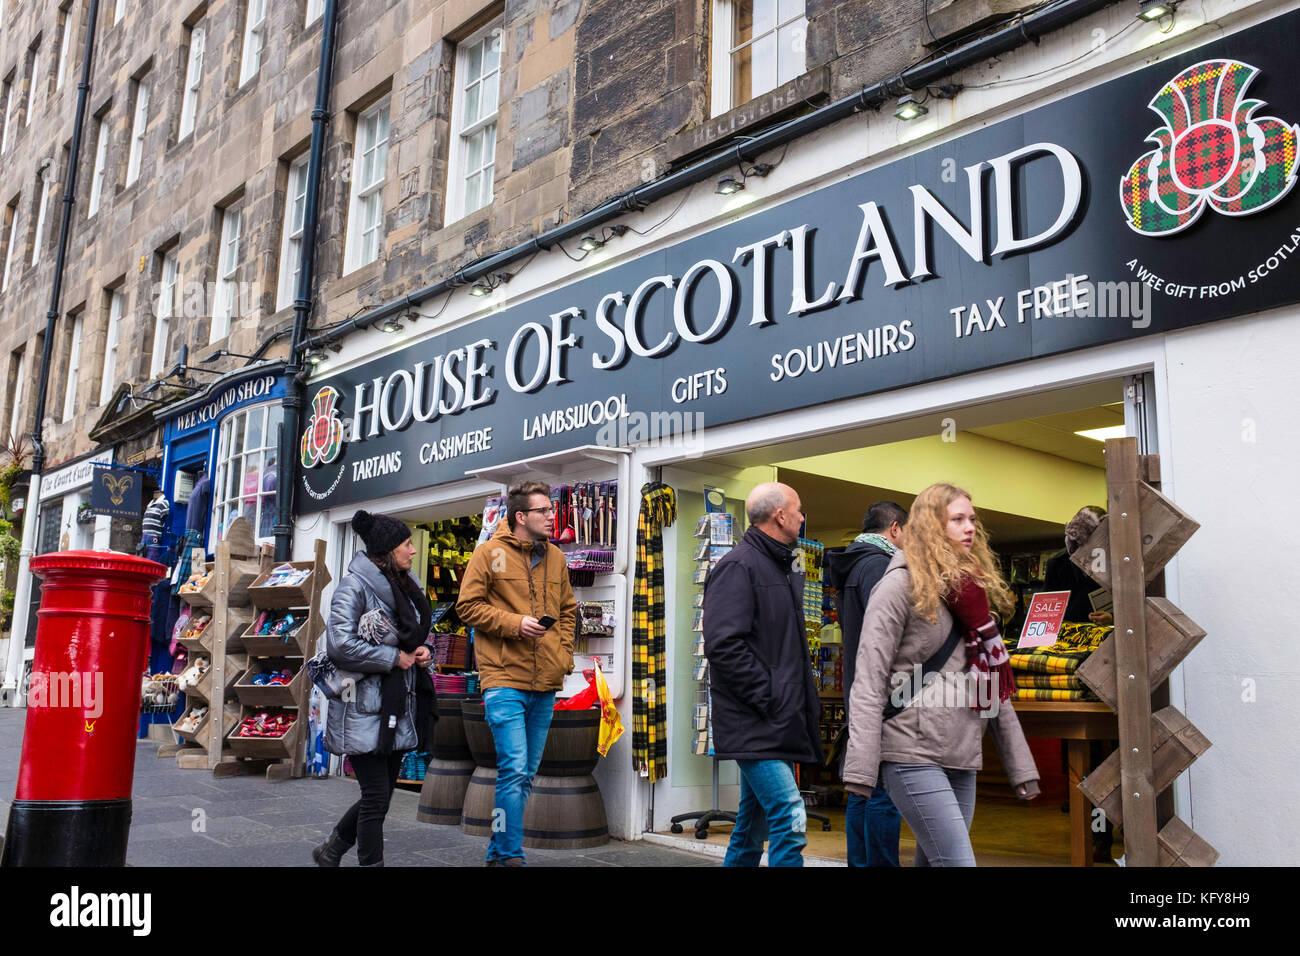 Äußere der typische Tourist Souvenirshop auf der Royal Mile in Edinburgh, Schottland, Vereinigtes Königreich. Stockbild